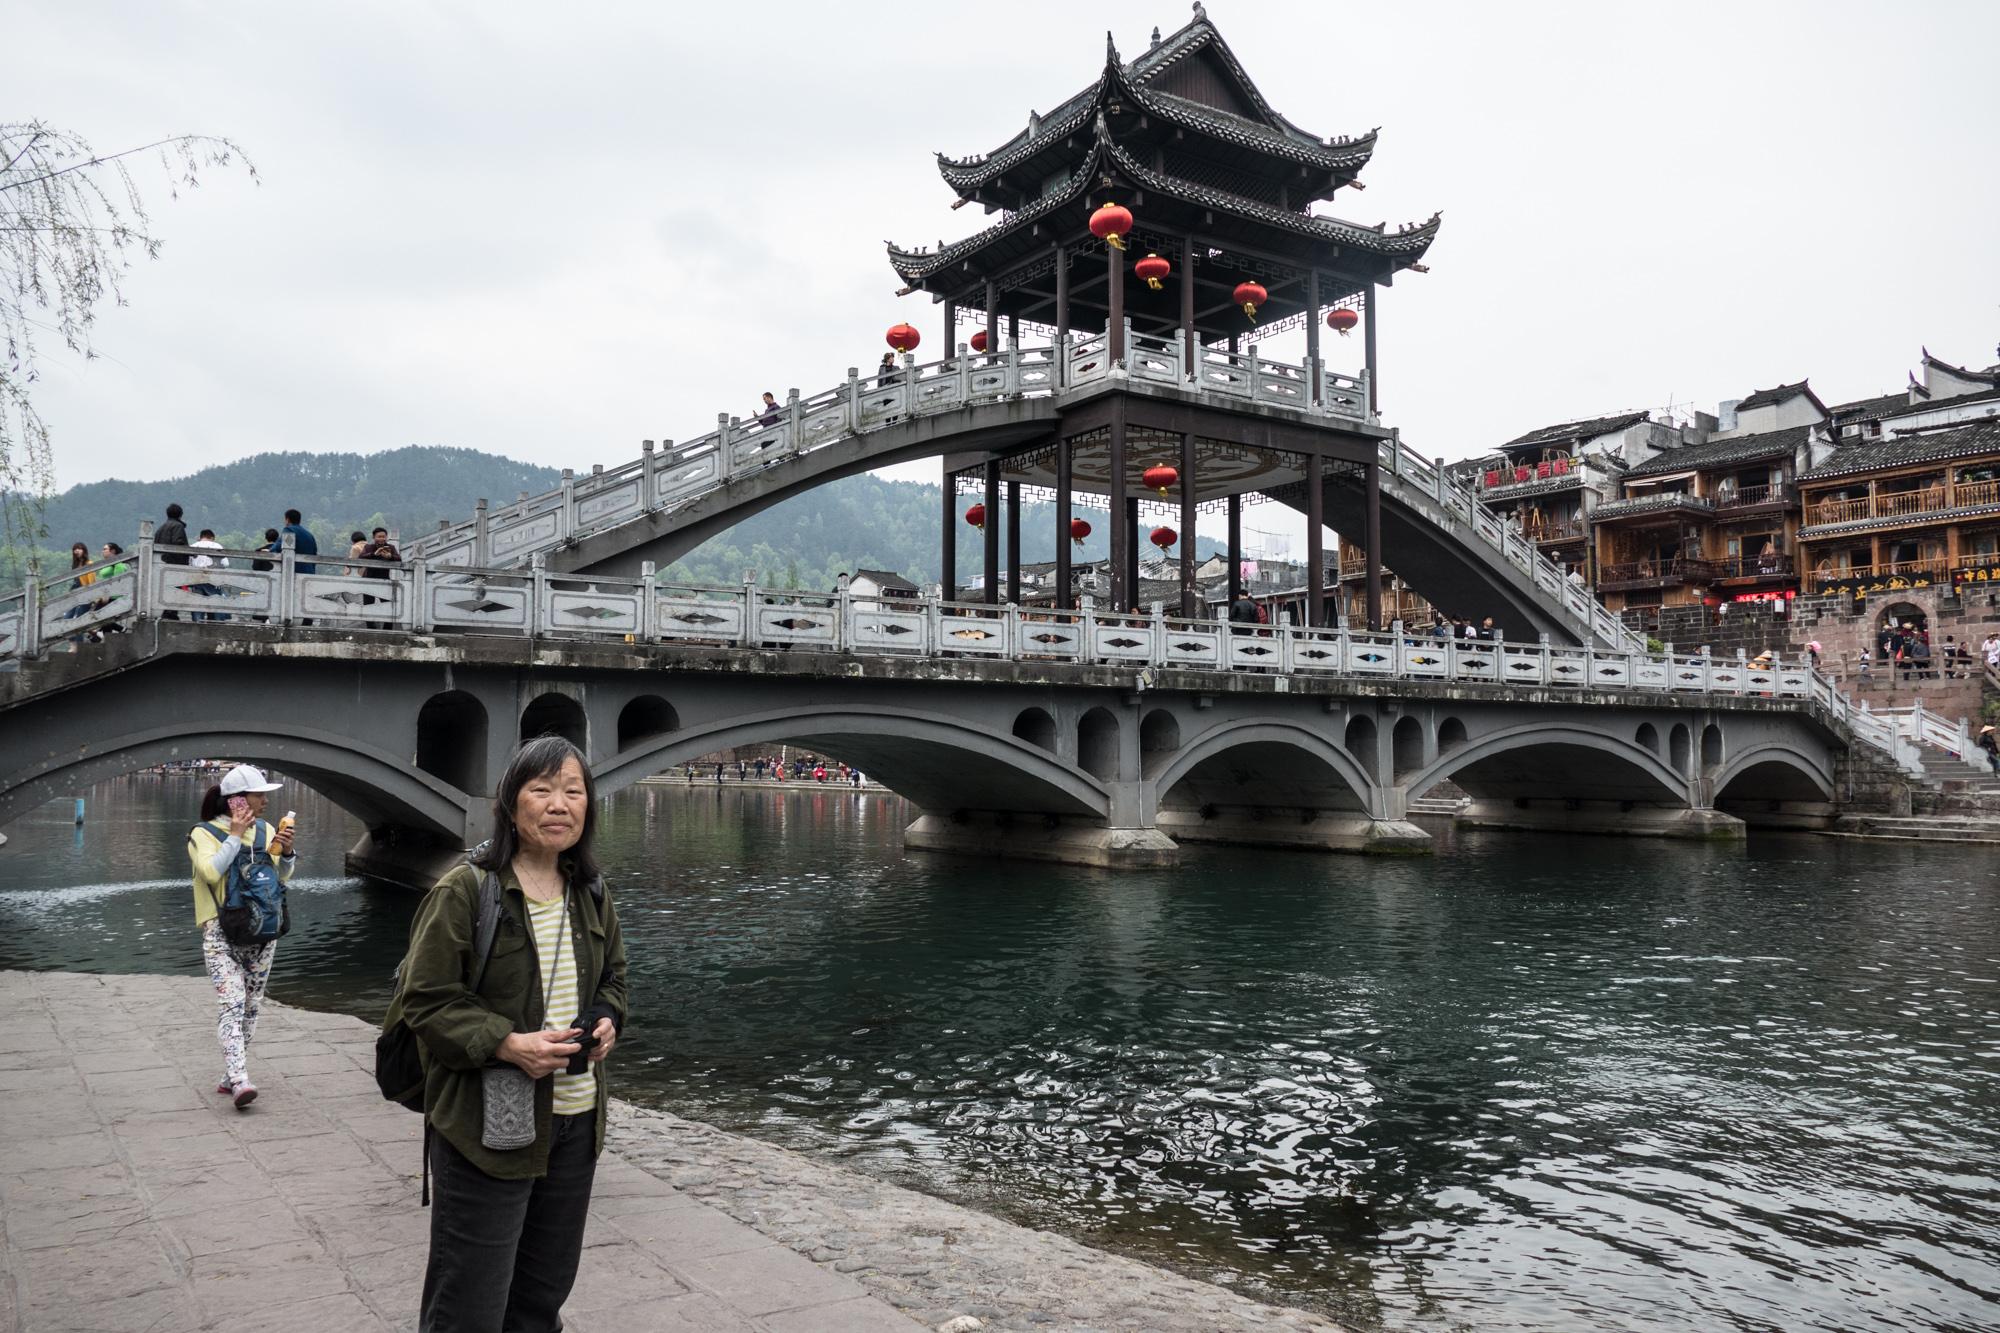 Fenghuang bridge